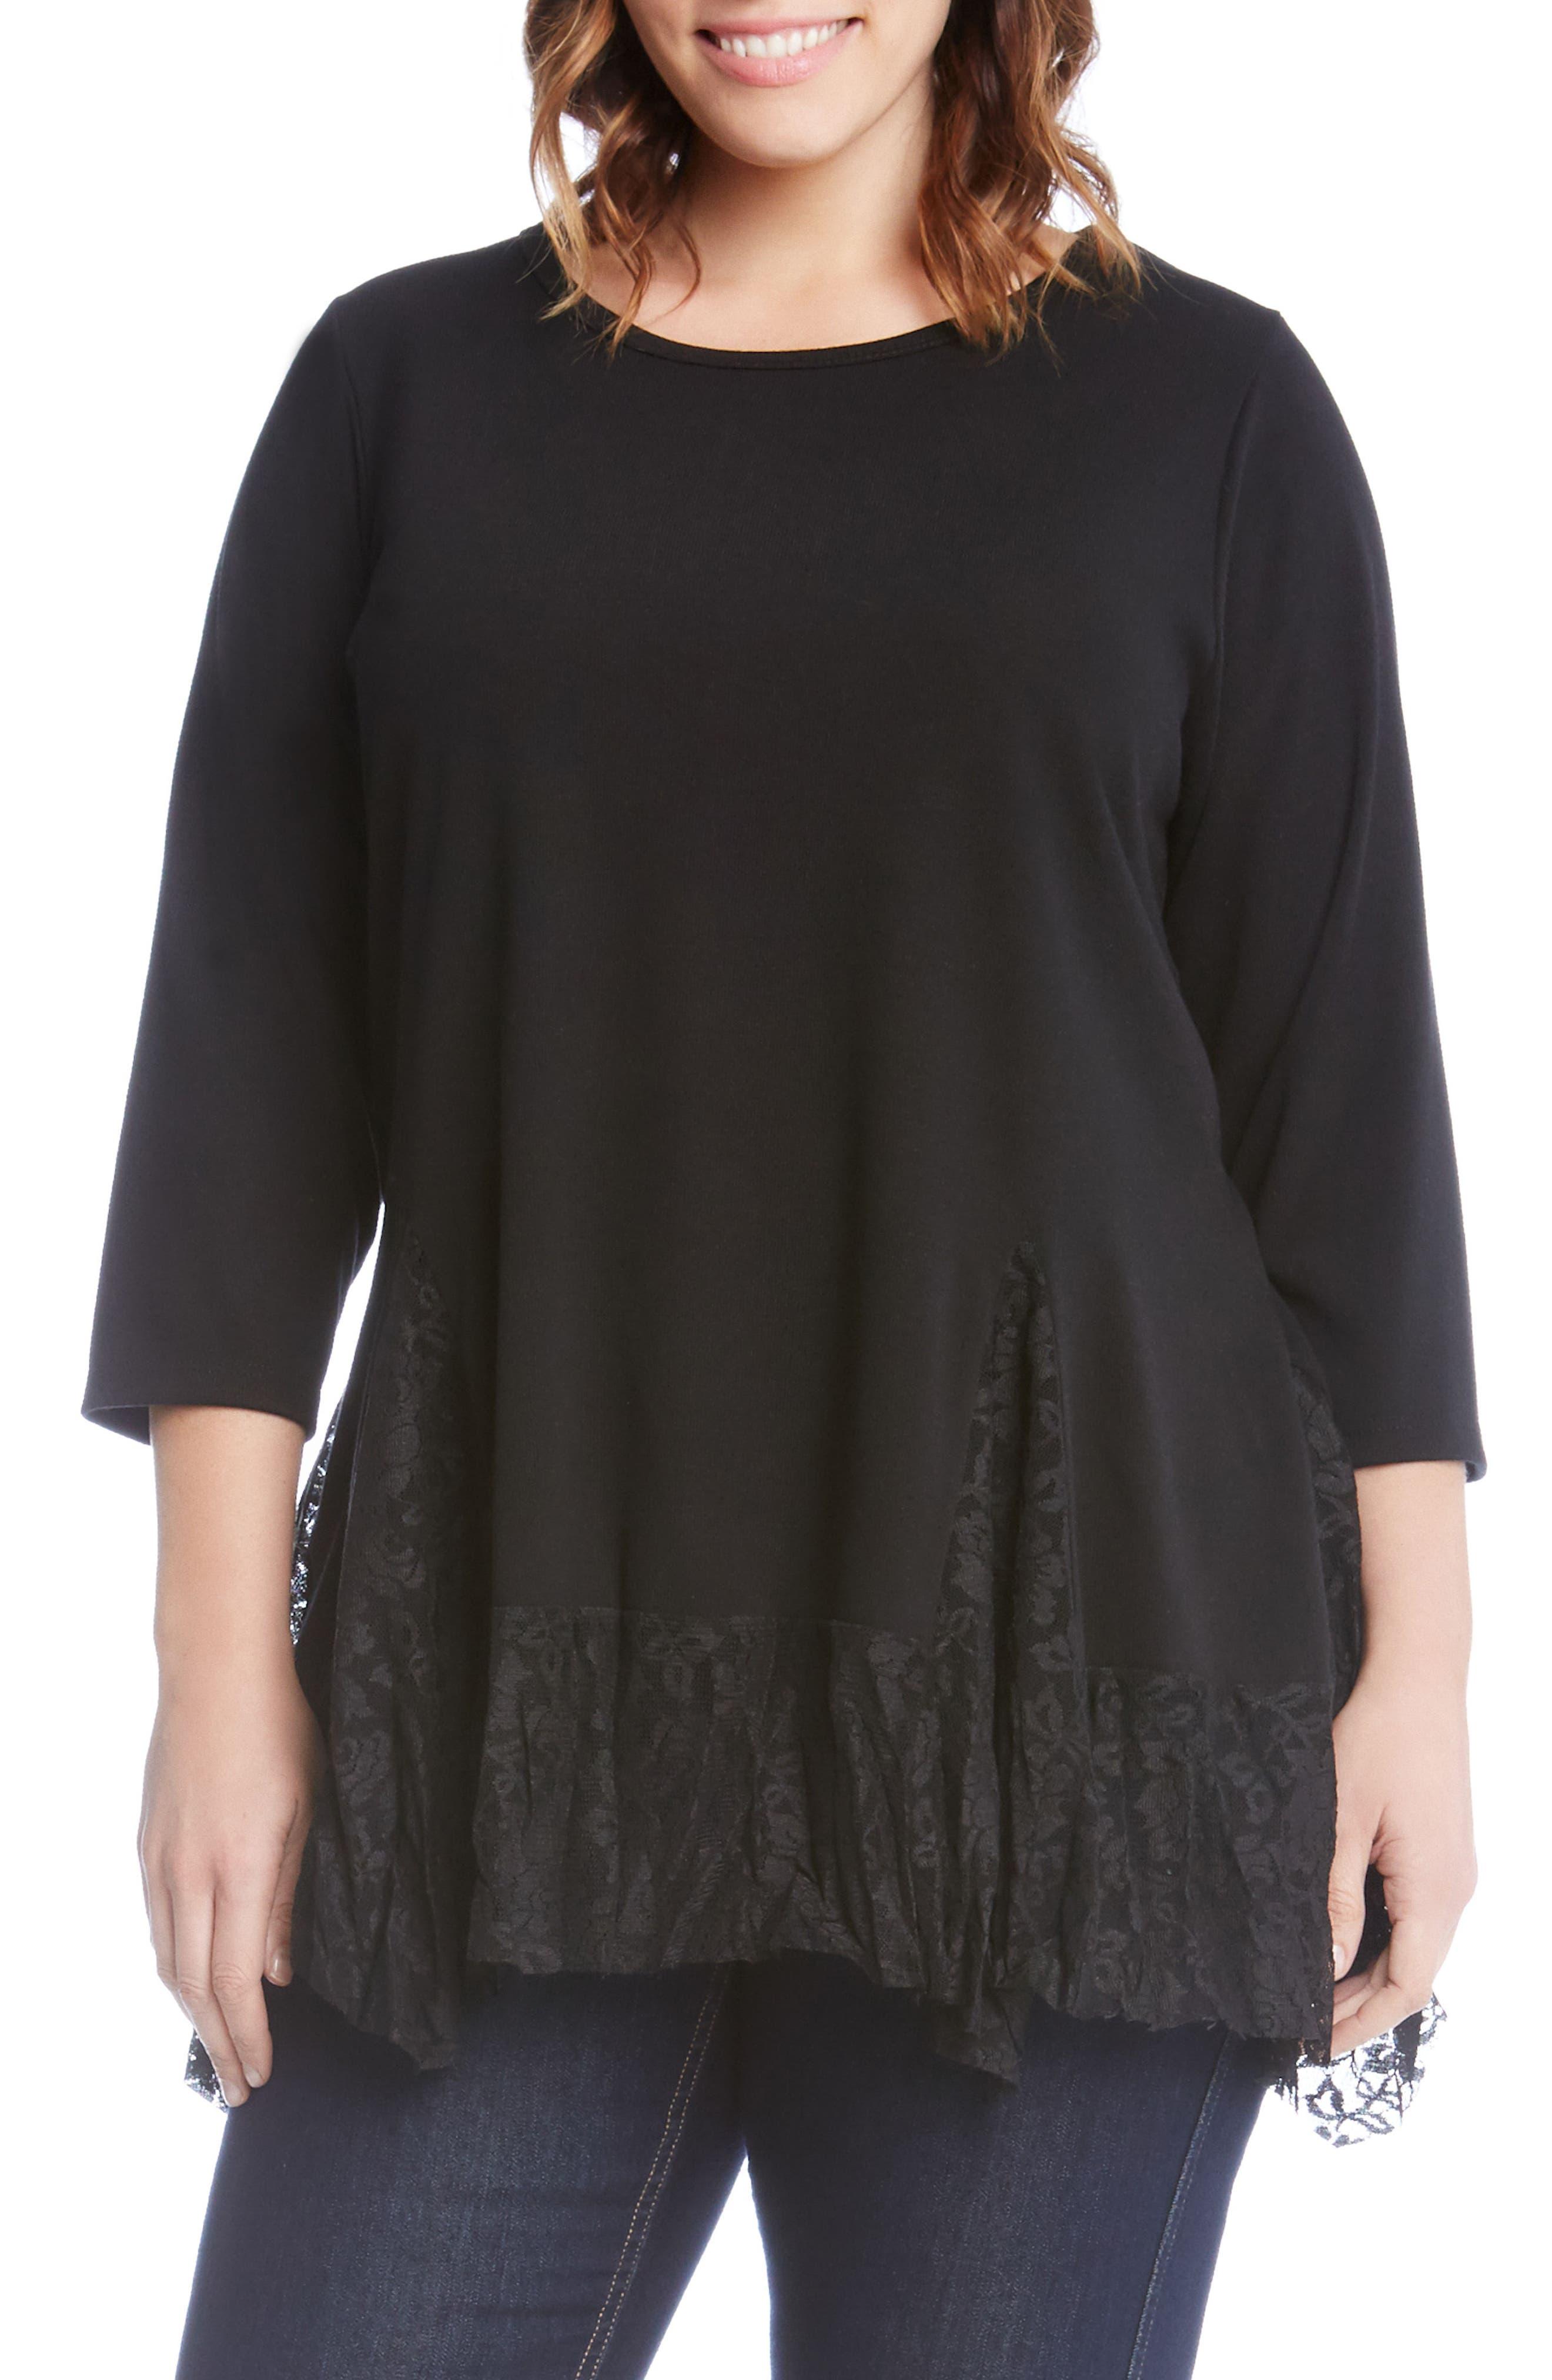 Karen Karen Lace Inset Sweater,                             Main thumbnail 1, color,